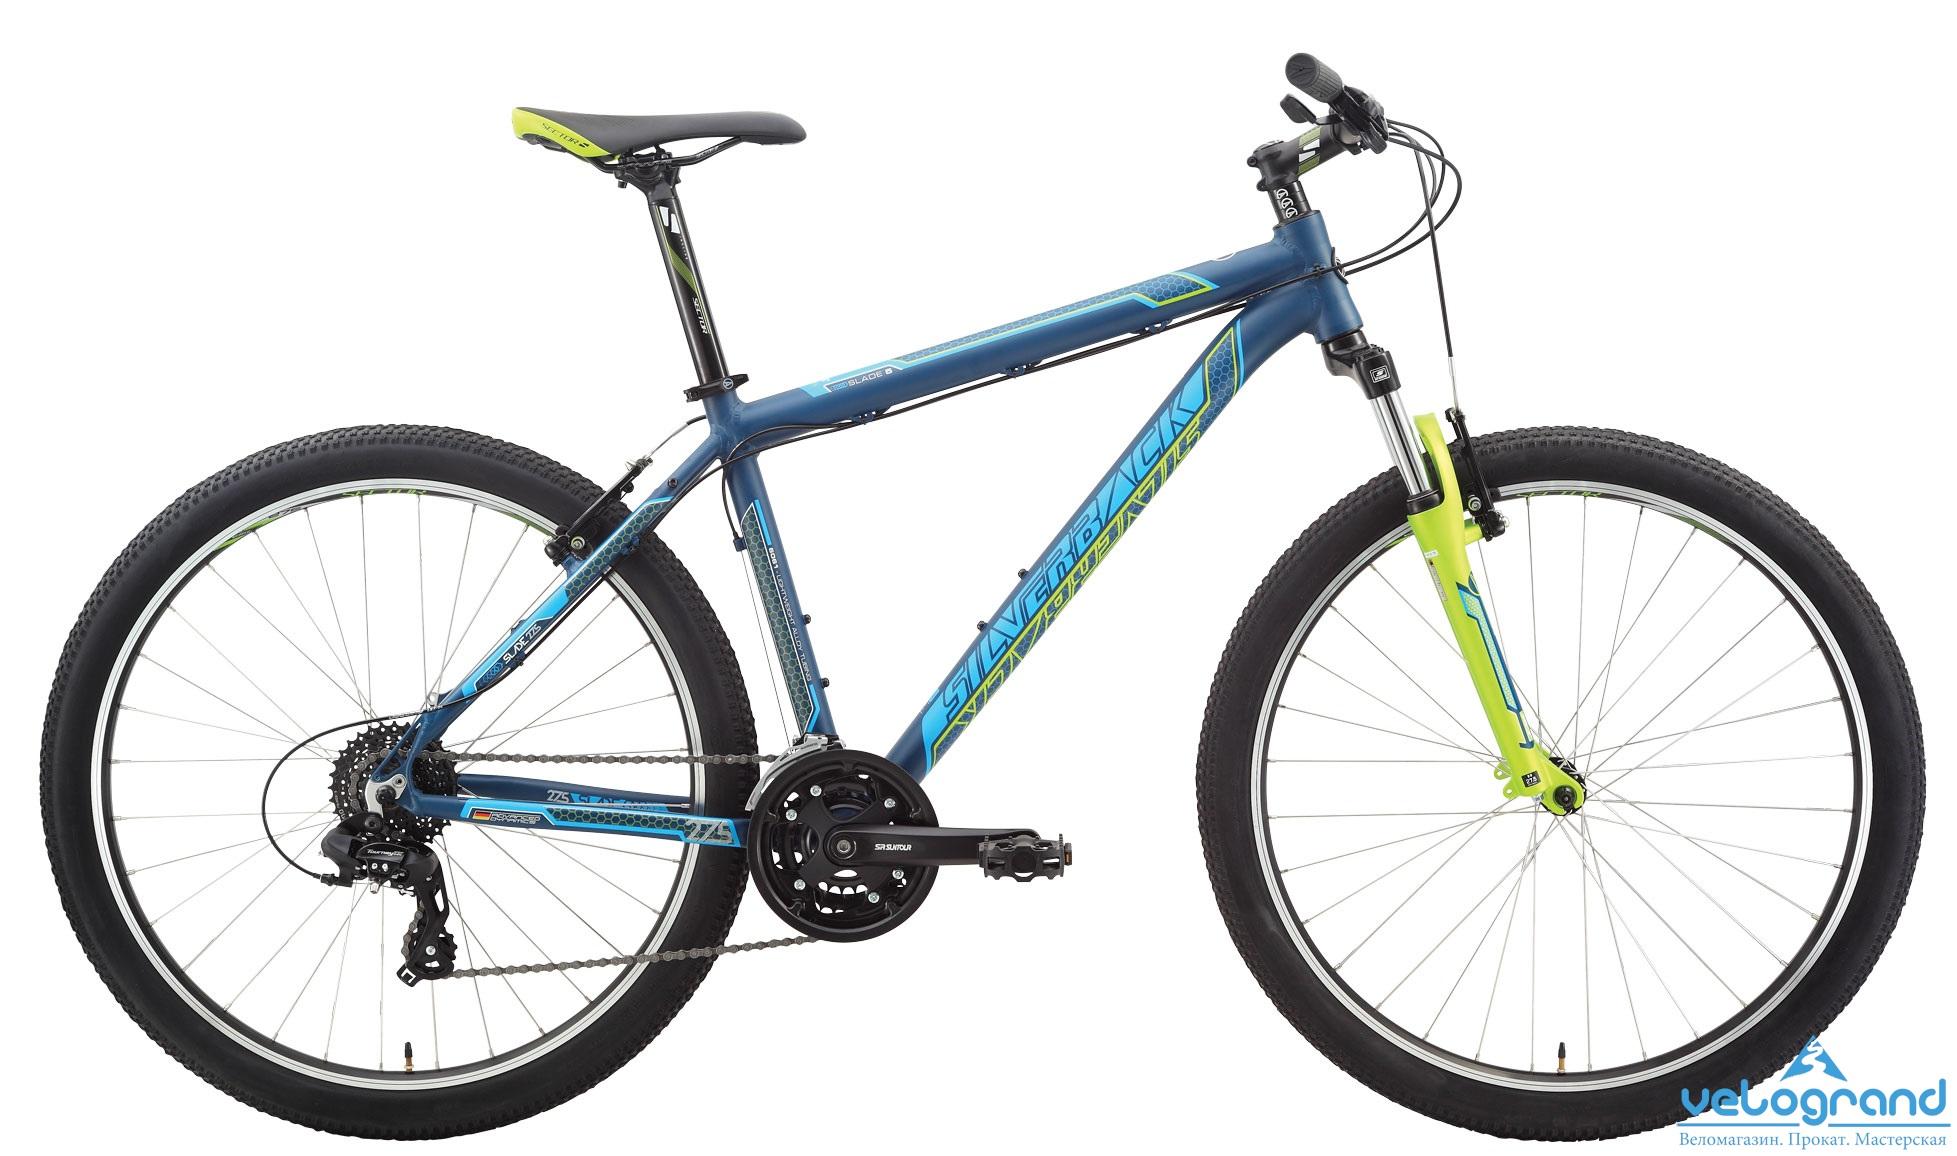 """Горный велосипед Silverback Slade 5 (2015), Цвет Серый, Размер 20&amp;nbsp;<br><br>&amp;nbsp; Рама 27.5"""" Trail, формованные трубы, алюминий 6061, рулевая труба 1 1/8"""", дропауты 135 мм QR, V-Brake, крепления багажника и крыльев, съемный петух<br><br>Модельный год: 2015<br>Материал рамы: Алюминий<br>Диаметр колес: 27.5 дюймов<br>Количество скоростей: 24 скорости<br>Возраст: Взрослый<br>Тип тормозов: Ободные<br>Цвет: Серый<br>Размер INCH: 20"""